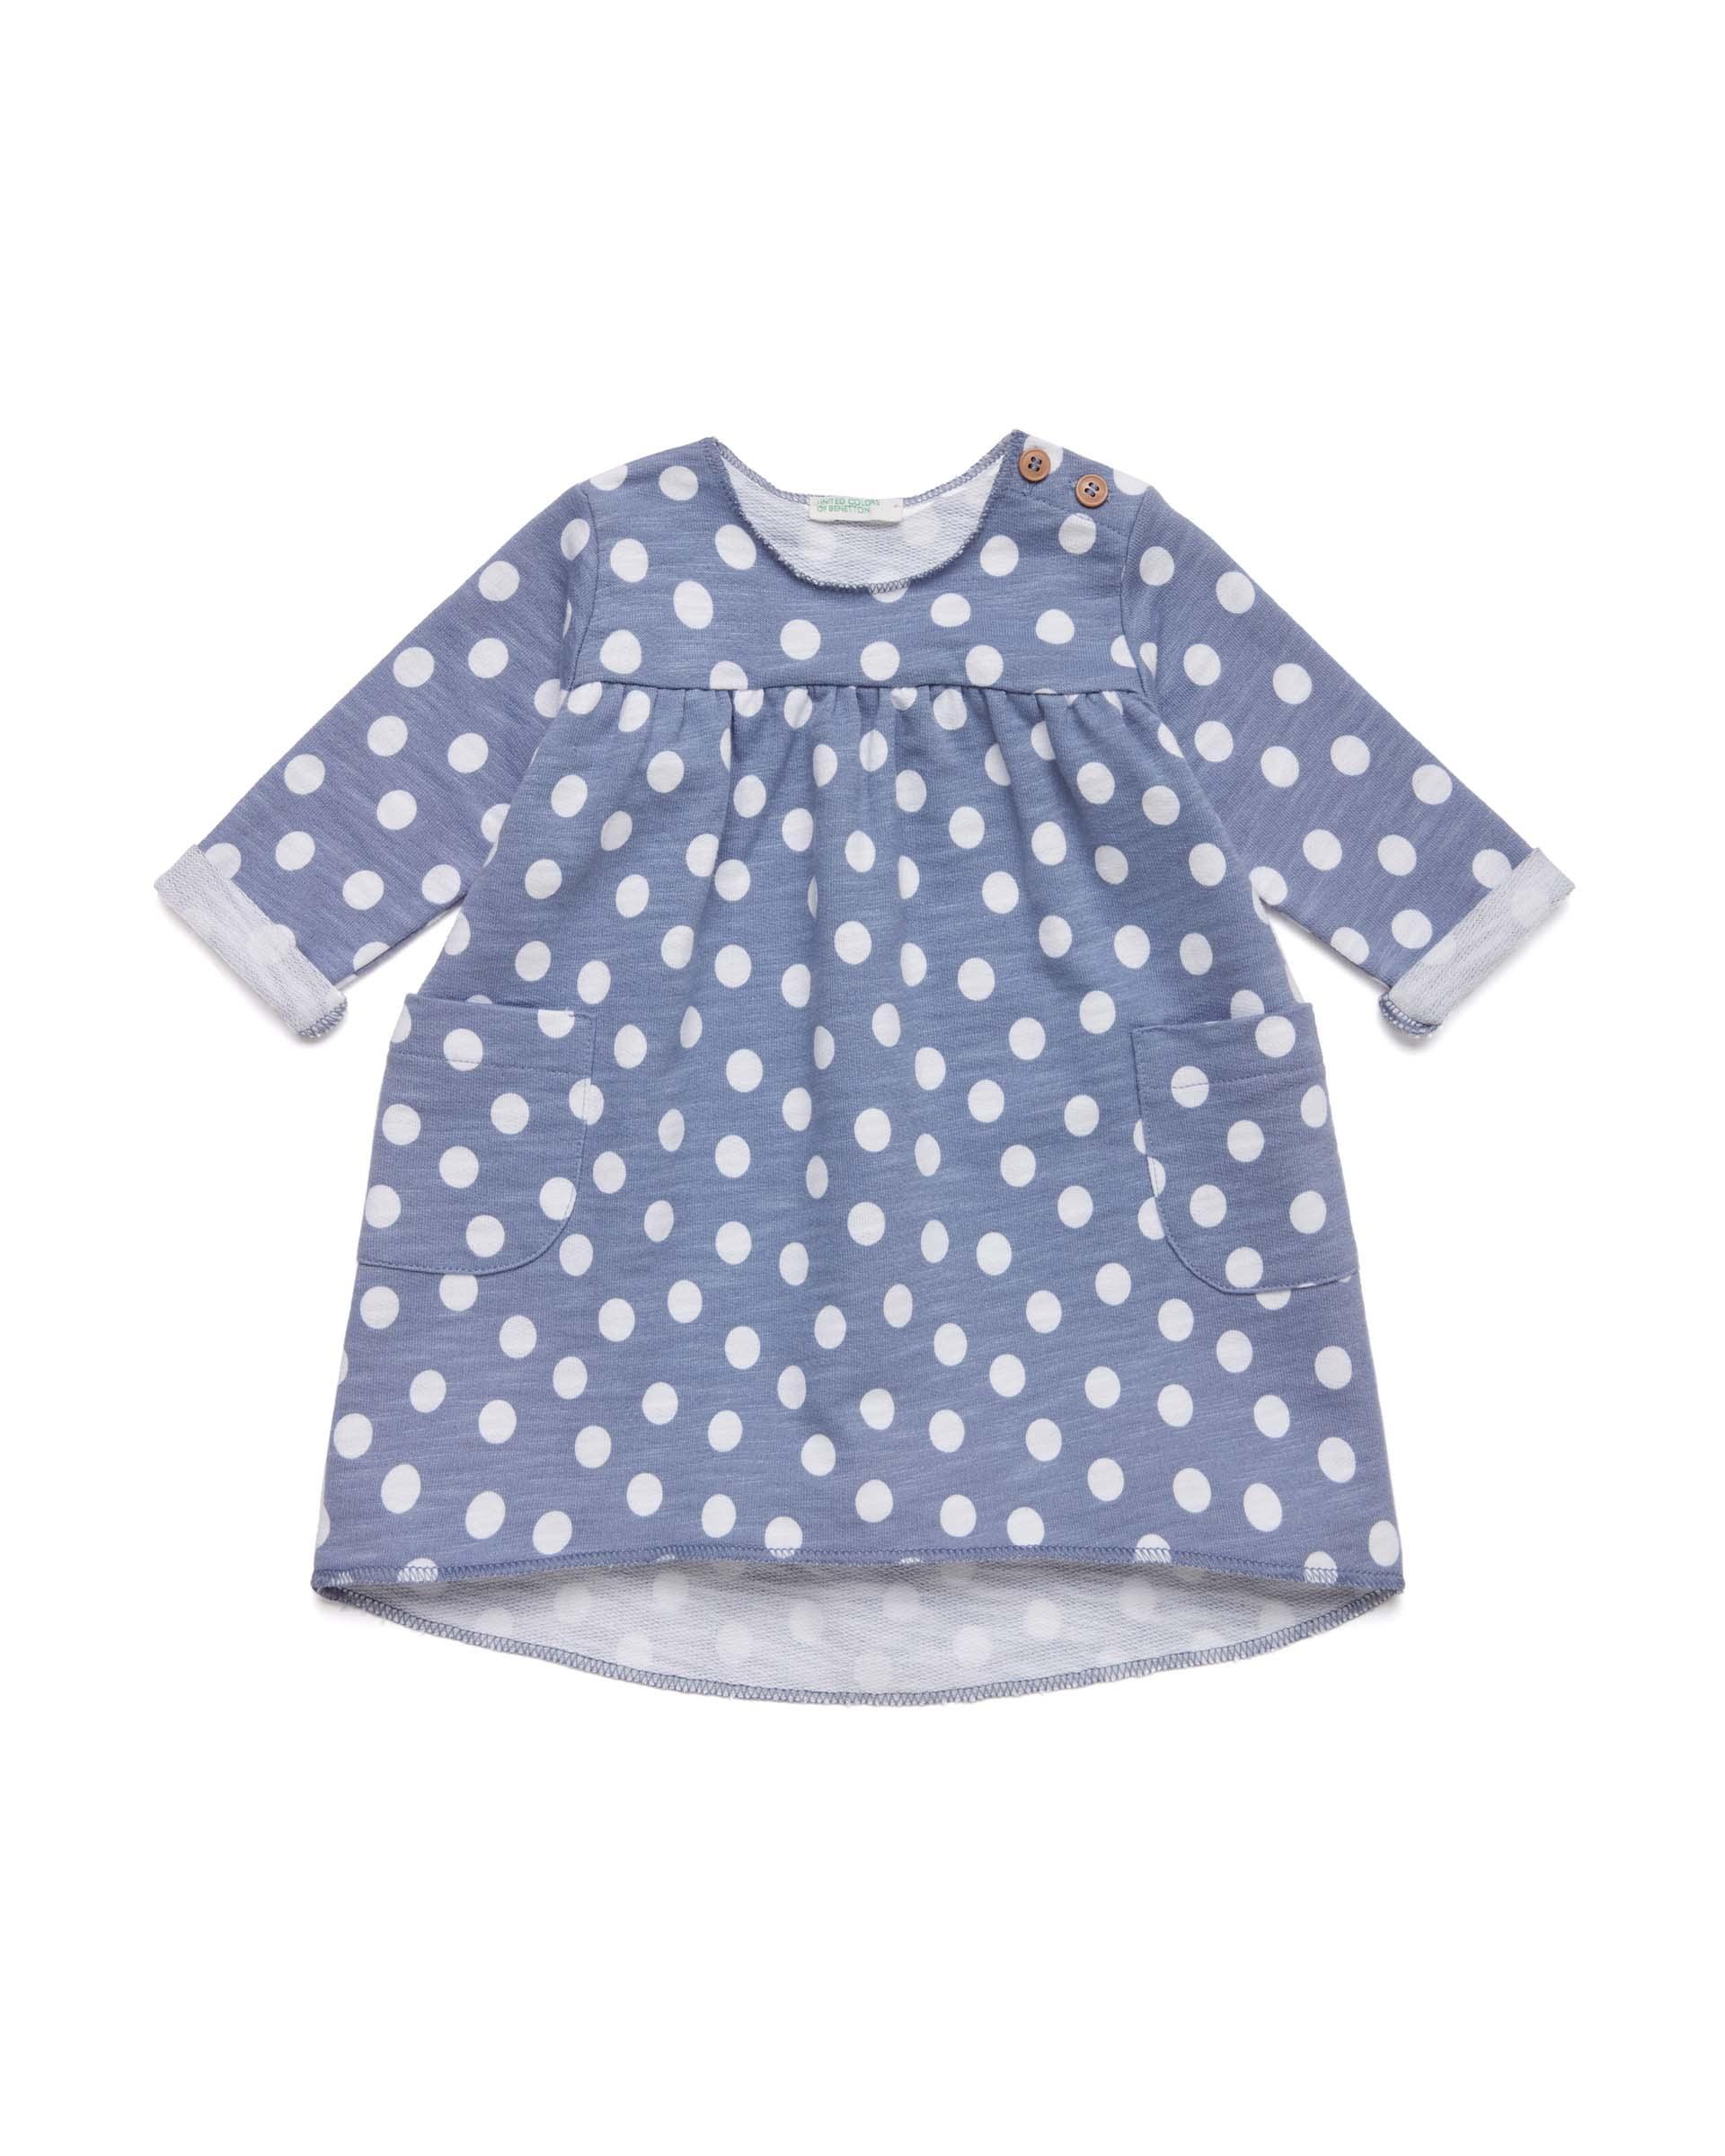 Купить 20P_3OM6MV062_61P, Платье для девочек Benetton 3OM6MV062_61P р-р 74, United Colors of Benetton, Платья для новорожденных